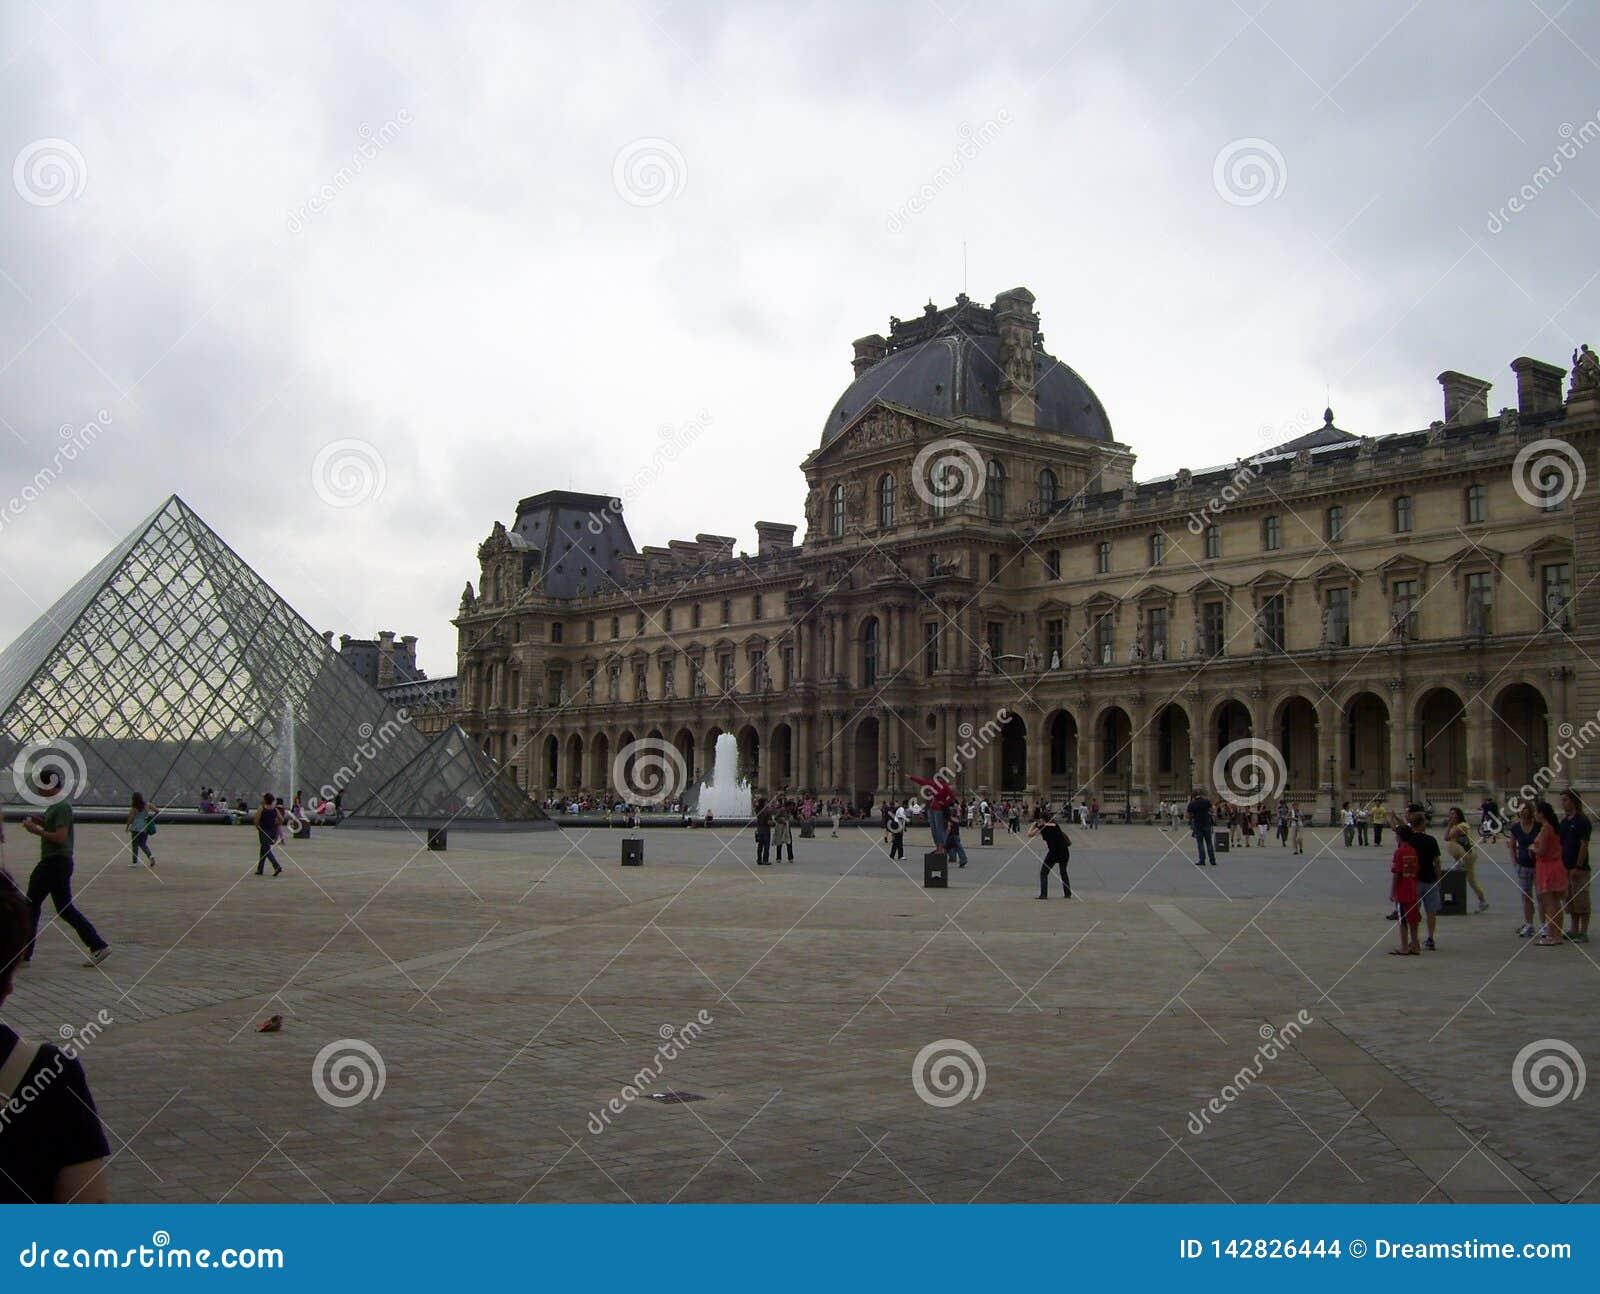 Le musée de Louvre est très important dans le monde entier